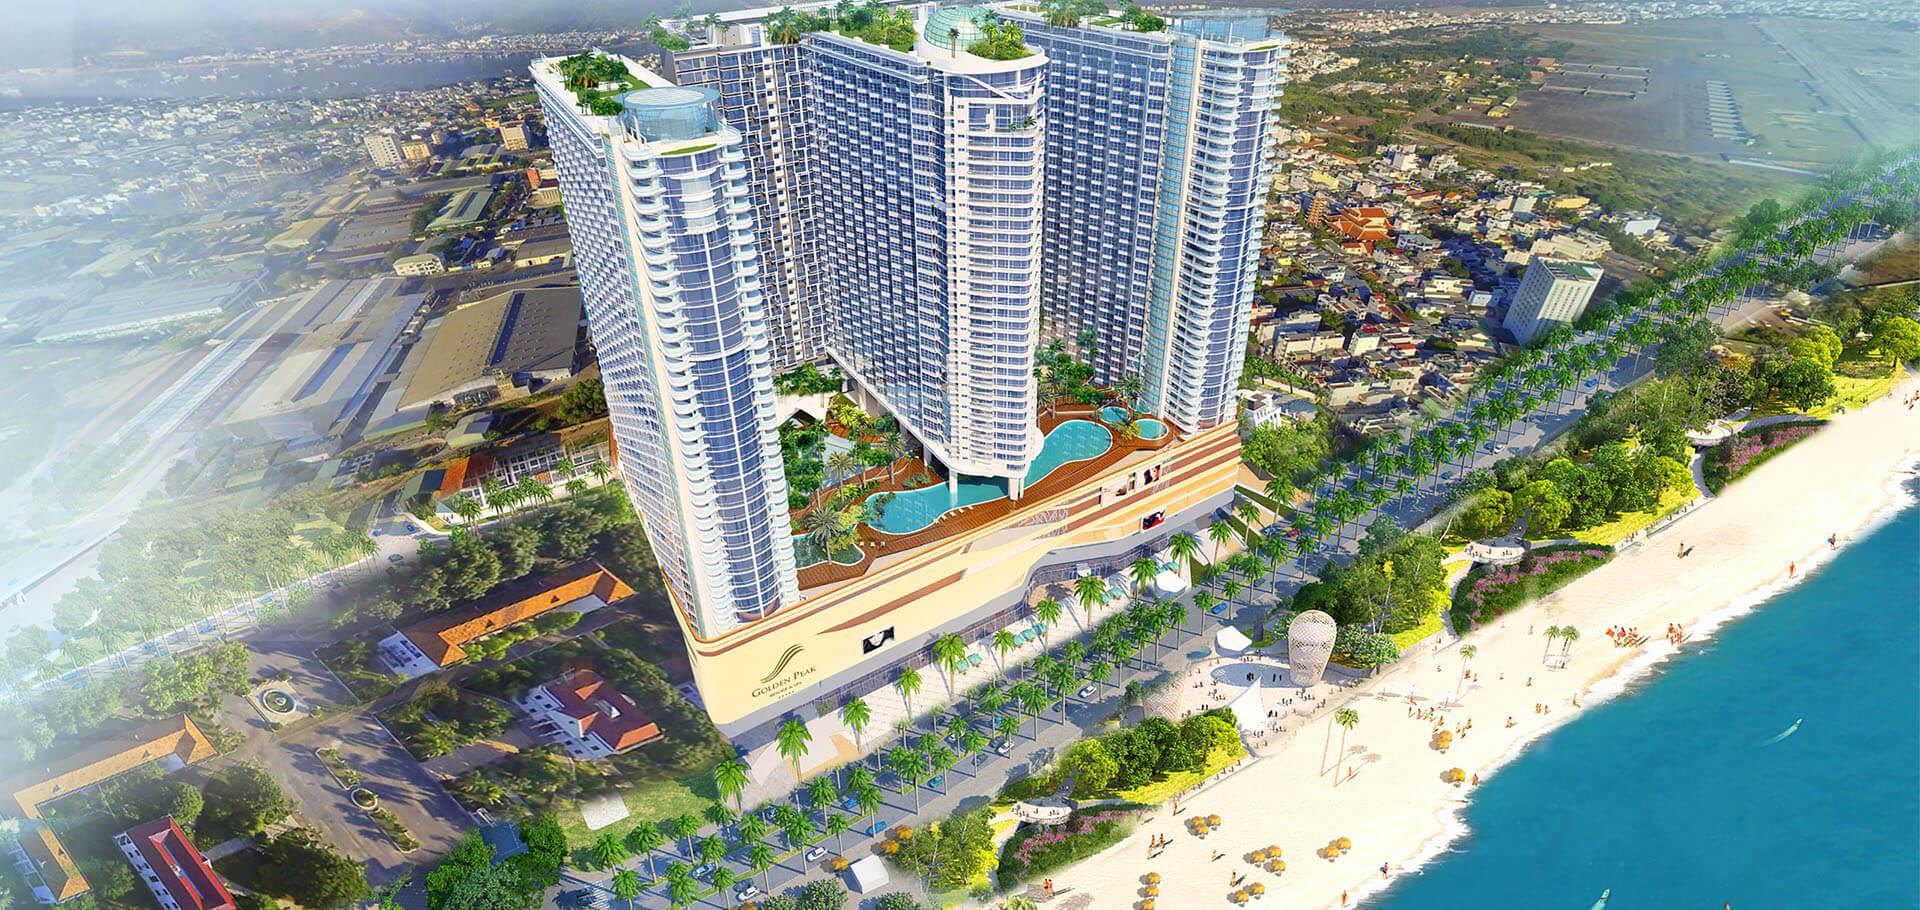 Thêm một khu đất vàng Nha Trang giao cho doanh nghiệp giá thấp - Ảnh 2.